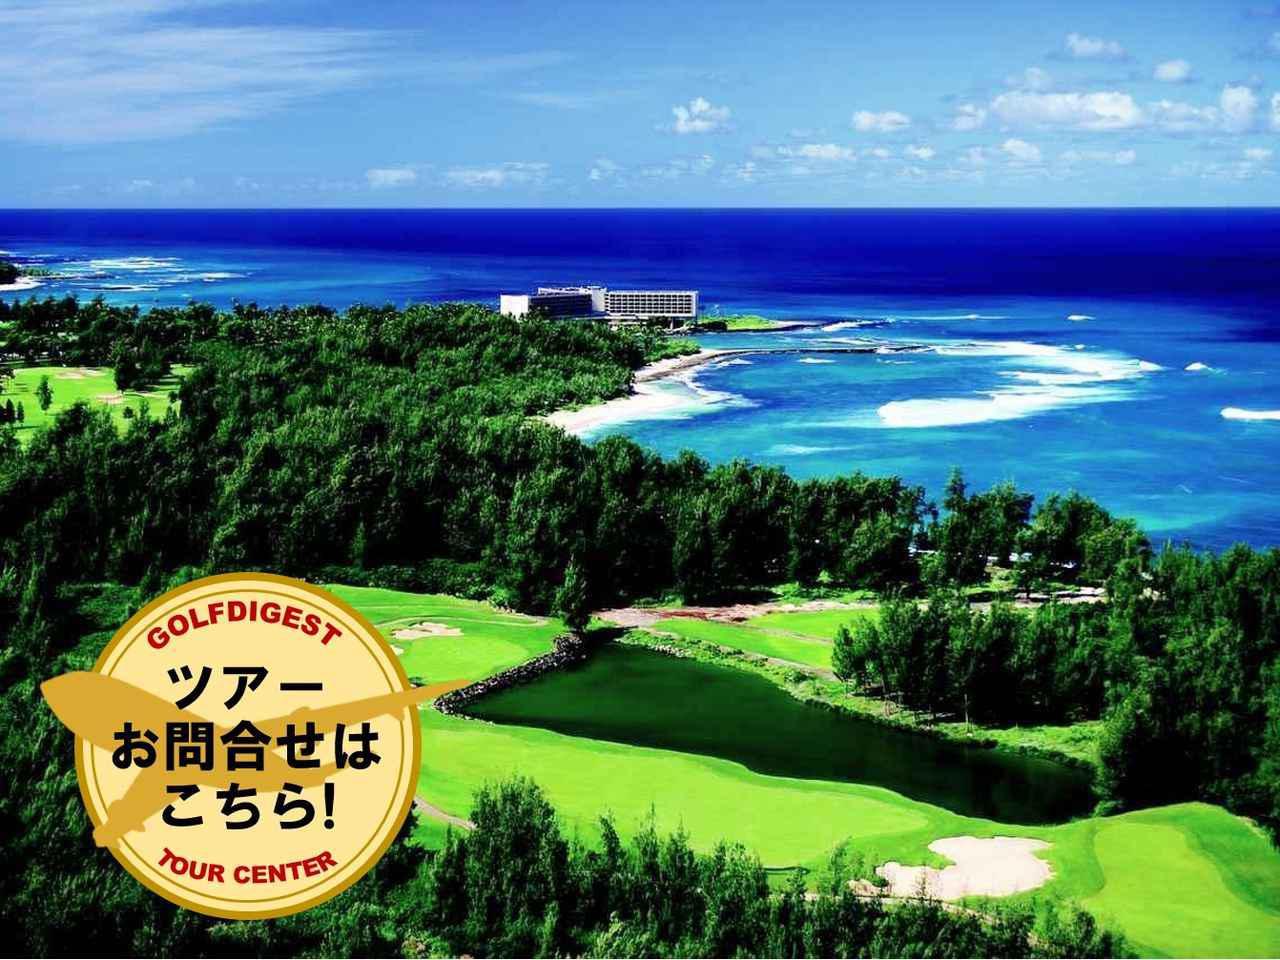 画像: 【ハワイ・オアフ島】ワイキキの喧噪から離れたノースショア「タートル ベイ リゾート」でアンリミテッドゴルフ 5日間回り放題(添乗員同行/一人予約可能) - ゴルフへ行こうWEB by ゴルフダイジェスト